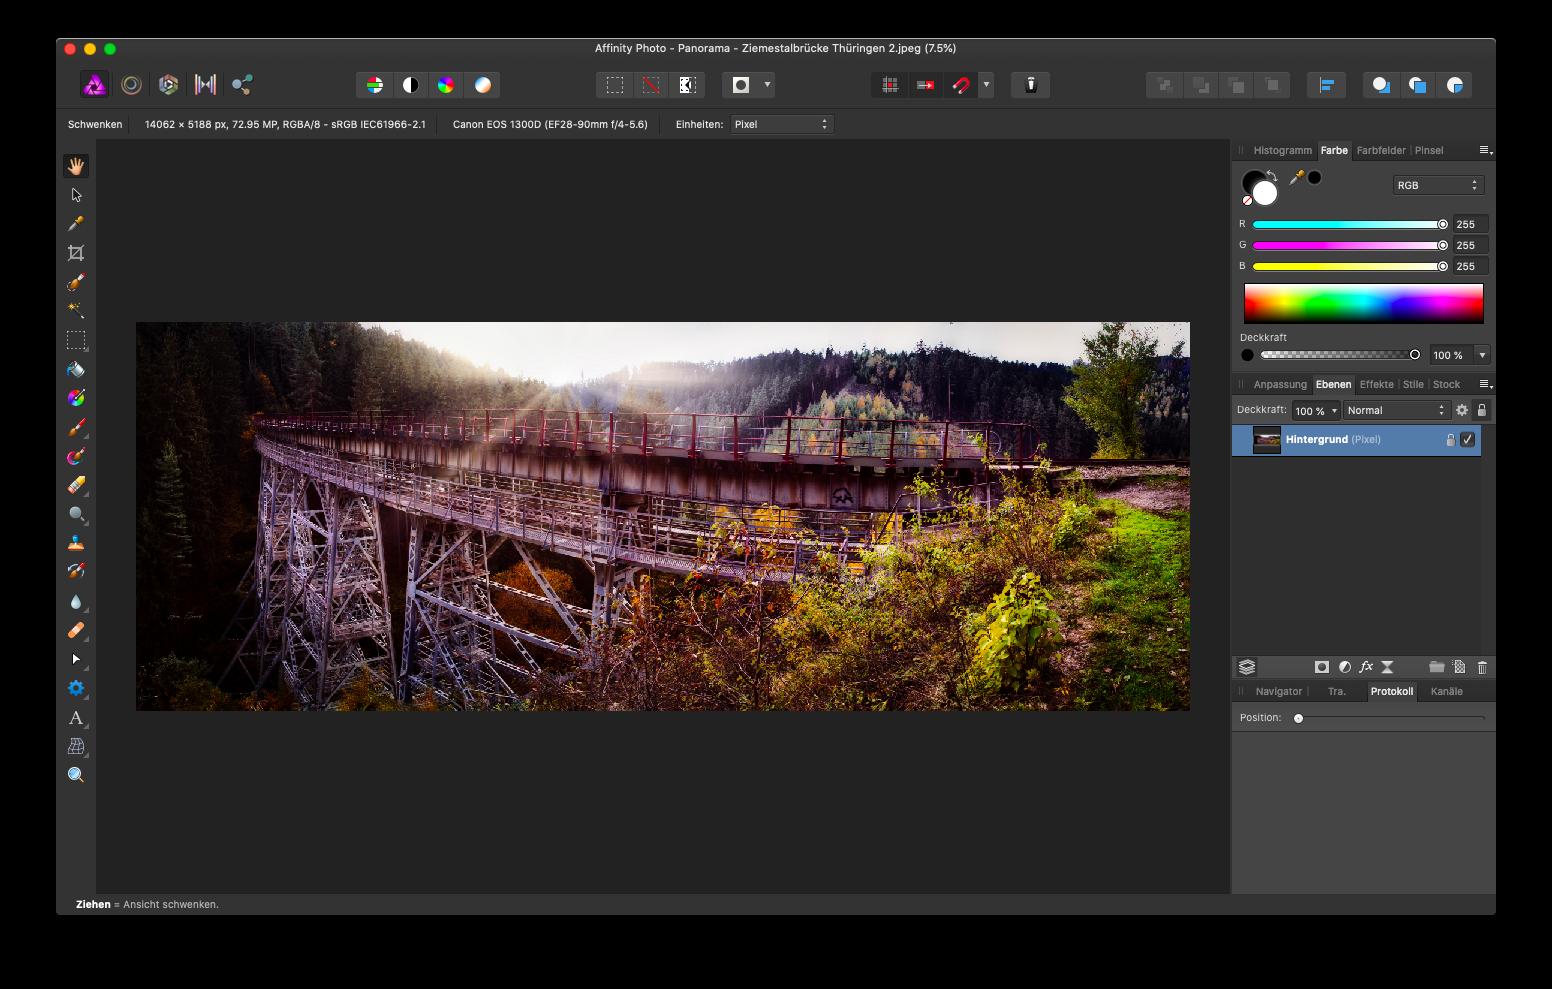 Affinity Photo - Panorama für Instagram zuschneiden